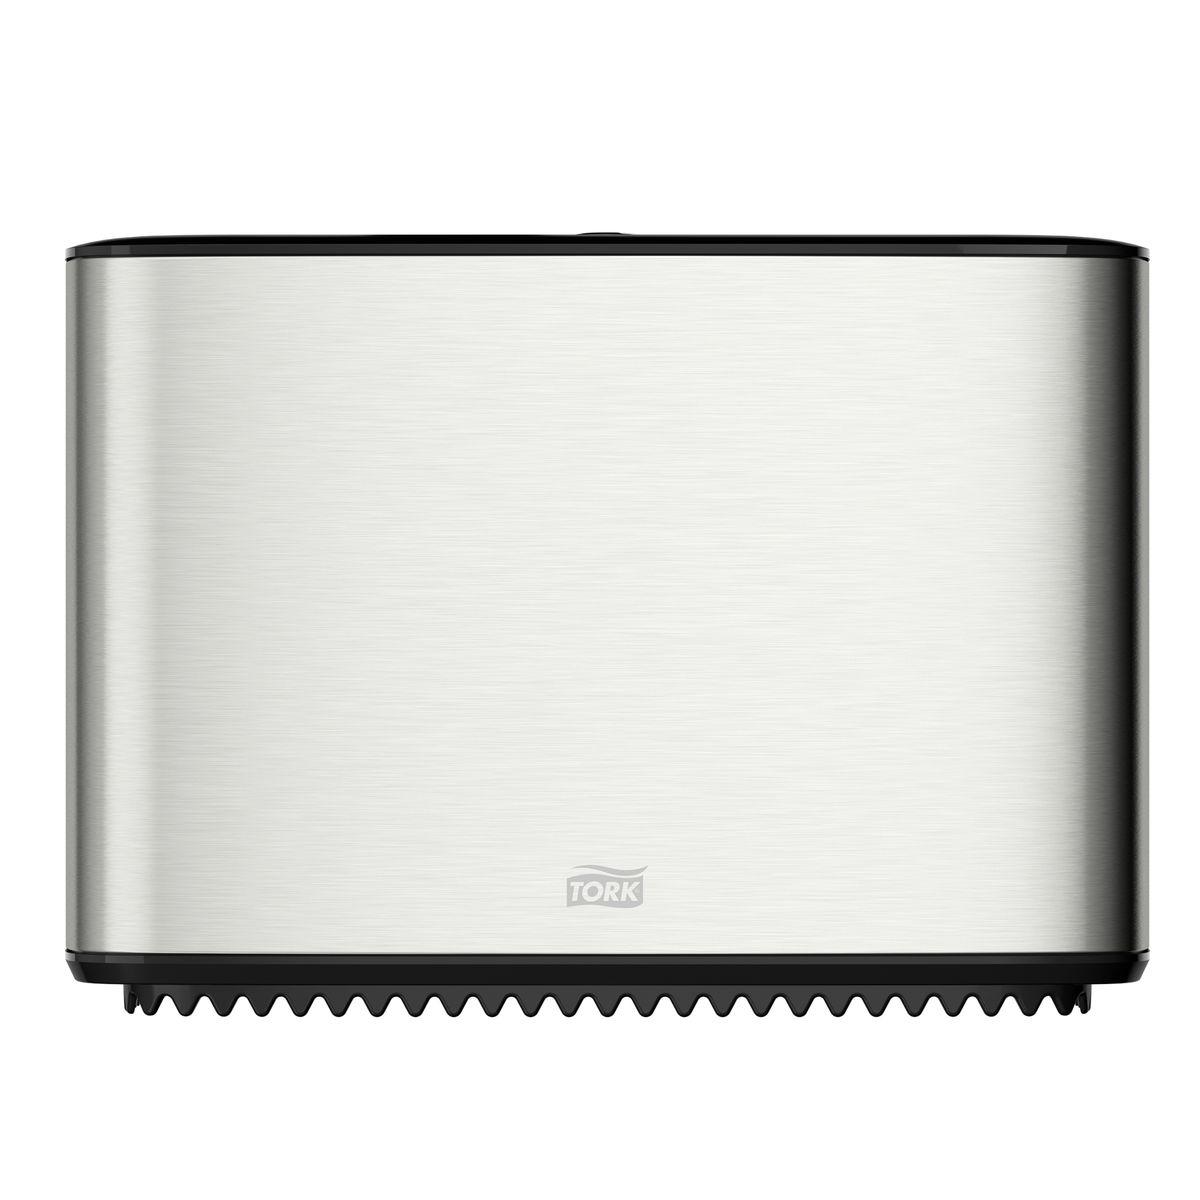 Диспенсер для туалетной бумаги Tork, цвет: металл. 460006CLP446Система T2 - для туалетной бумаги в мини рулонахСтопор рулона – препятствует бесконтрольному разматыванию рулона.Зубцы для отрыва бумаги, которыми невозможно порезаться.Функция частично использованного рулона Stub roll – красная отметка толщины рулона.Инструкция на крышке.Есть возможность закрепить визитную карточку.Высокая емкость.